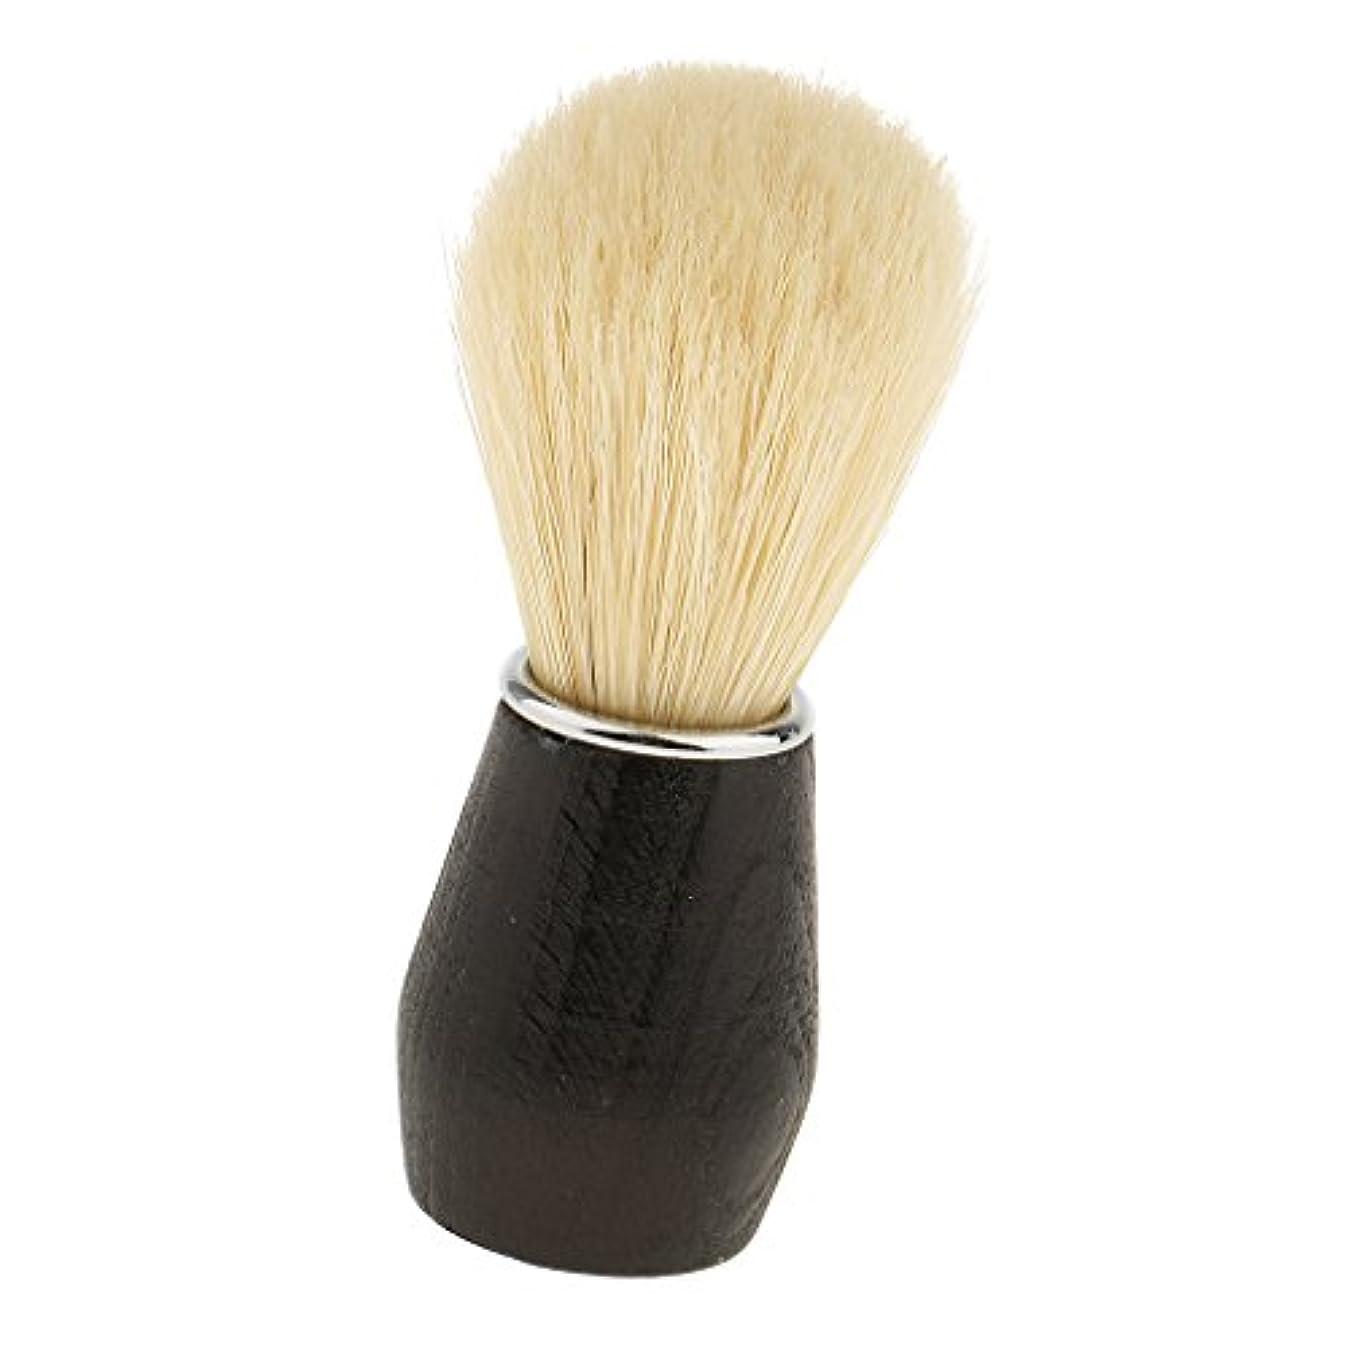 シーズン著作権ホールBaosity 父のギフト ソフト 実用的 プロフェッショナル バーバーサロン家庭用 ひげ剃りブラシ プラスチックハンドル フェイシャルクリーニングブラシ ブラック